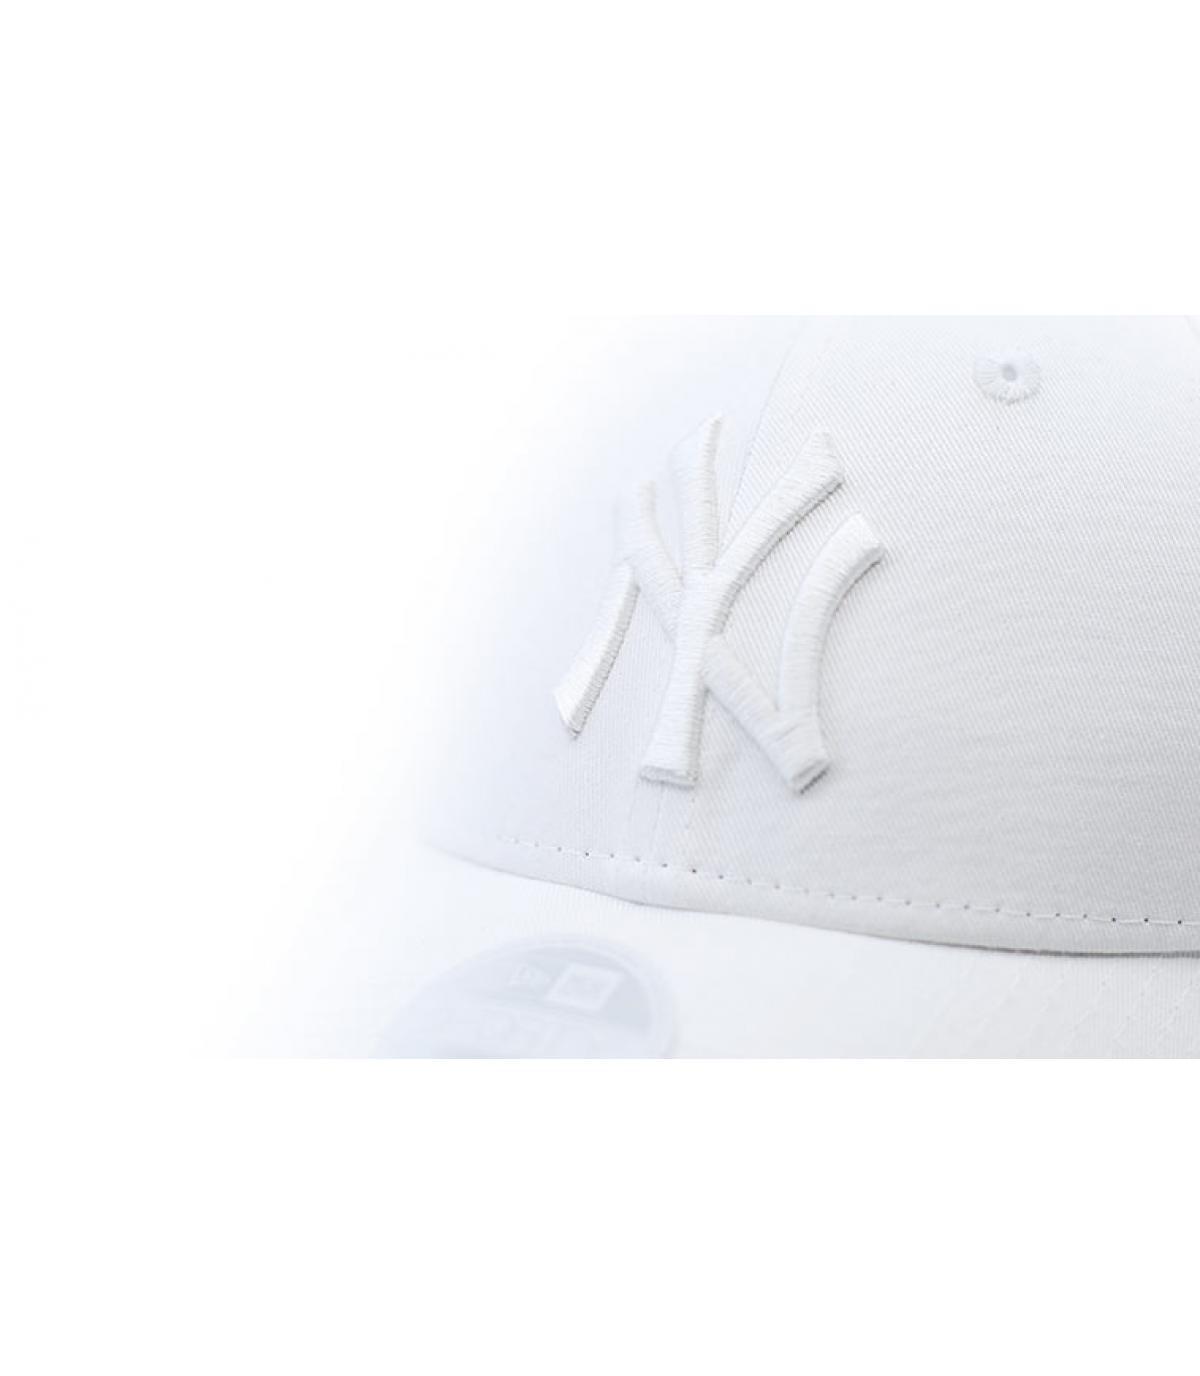 Détails Casquette Wmns League Ess NY white - image 3